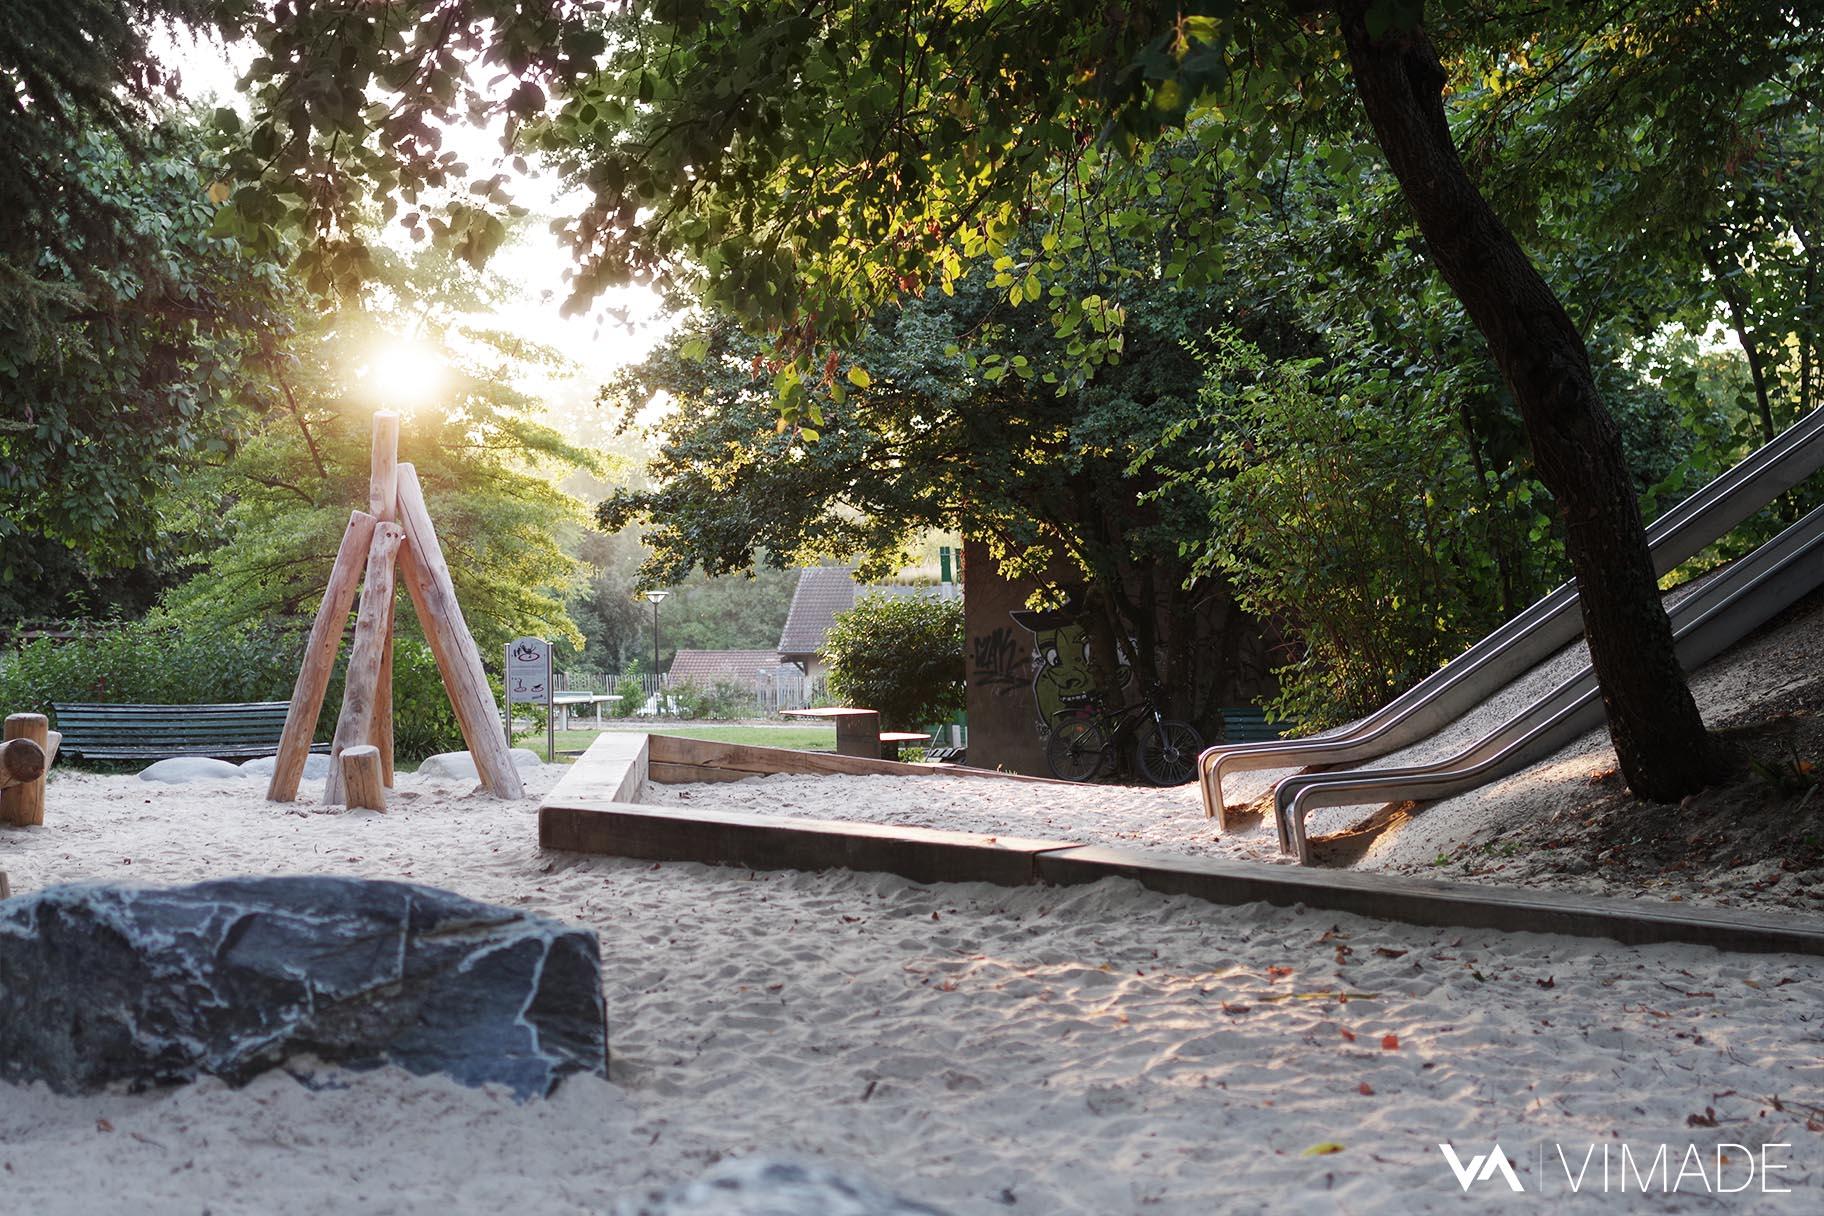 bac-sable-place-jeux-enfant-rocher-bois-naturel-parc-franchises-geneve-vimade-architecte-paysagiste